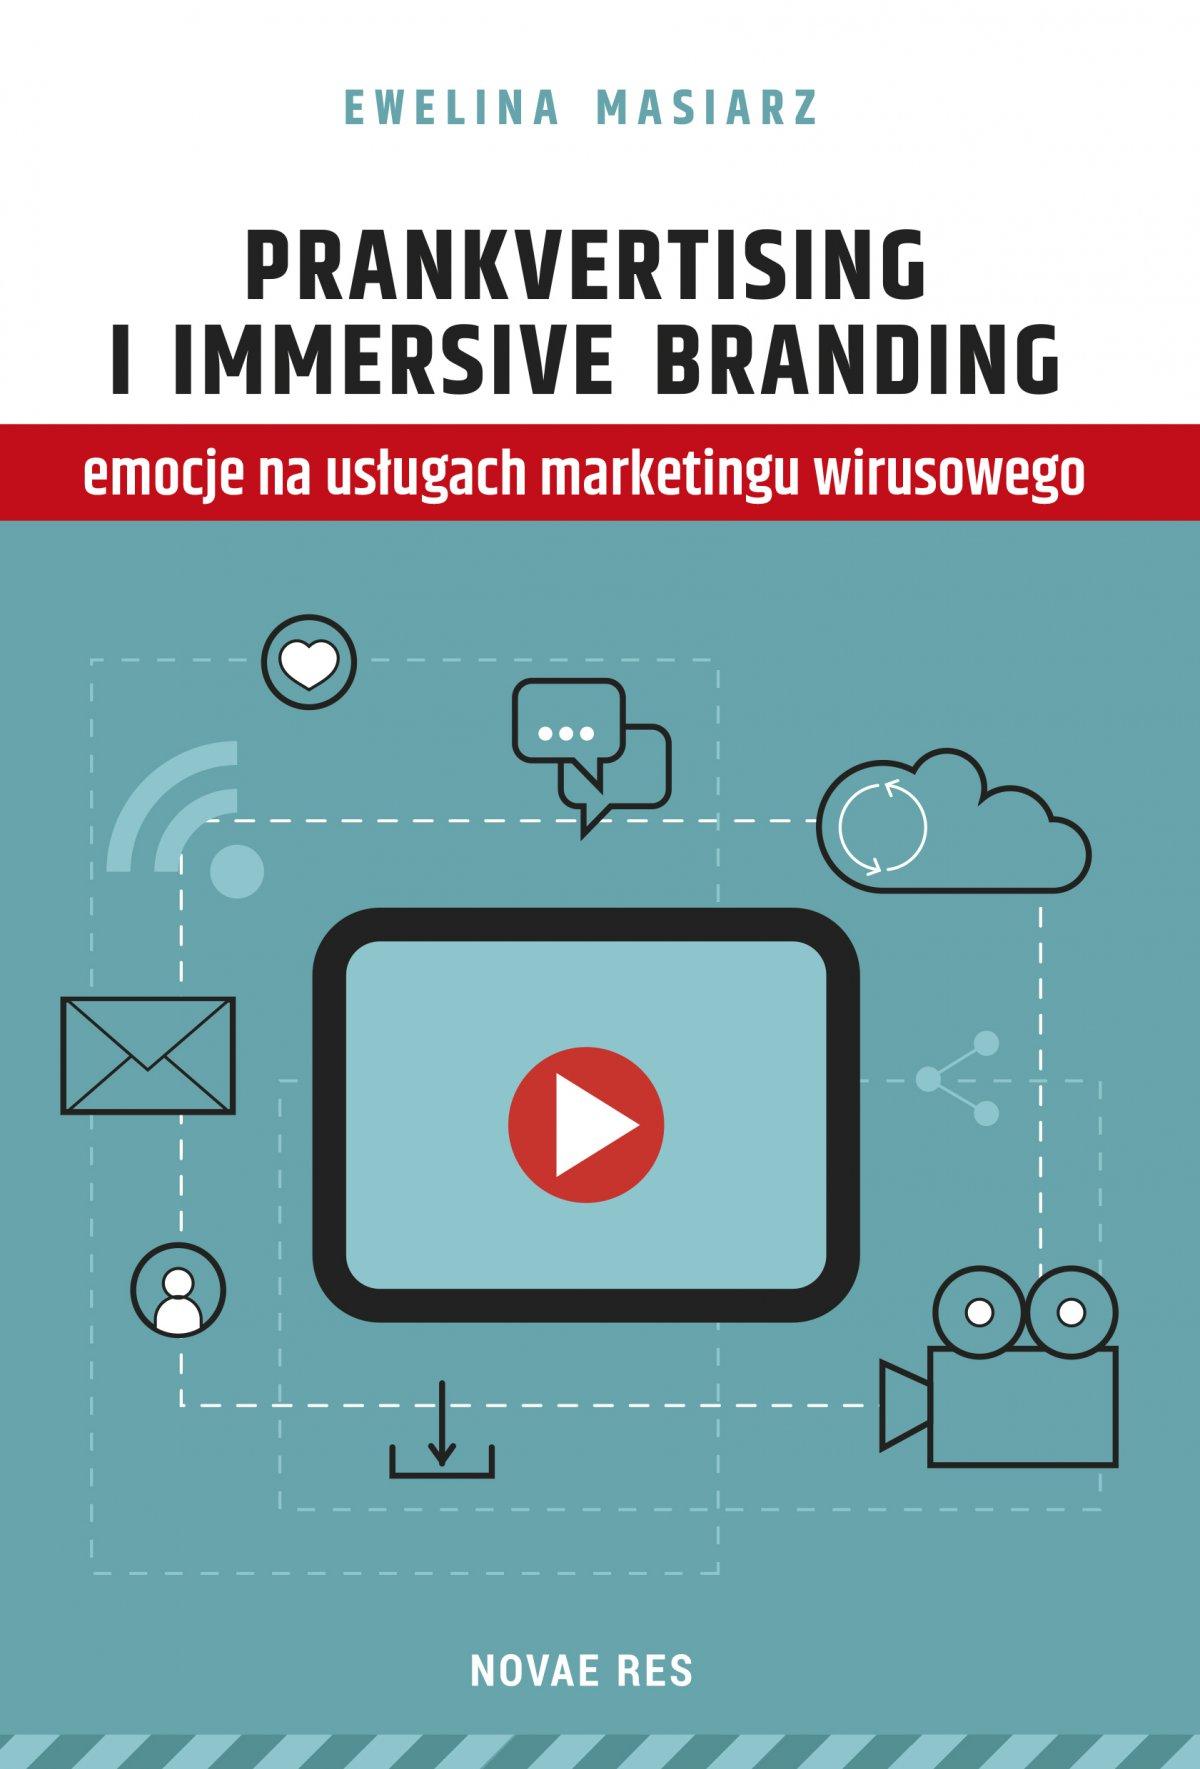 Prankvertising i immersive branding - emocje na usługach marketingu wirusowego - Ebook (Książka EPUB) do pobrania w formacie EPUB